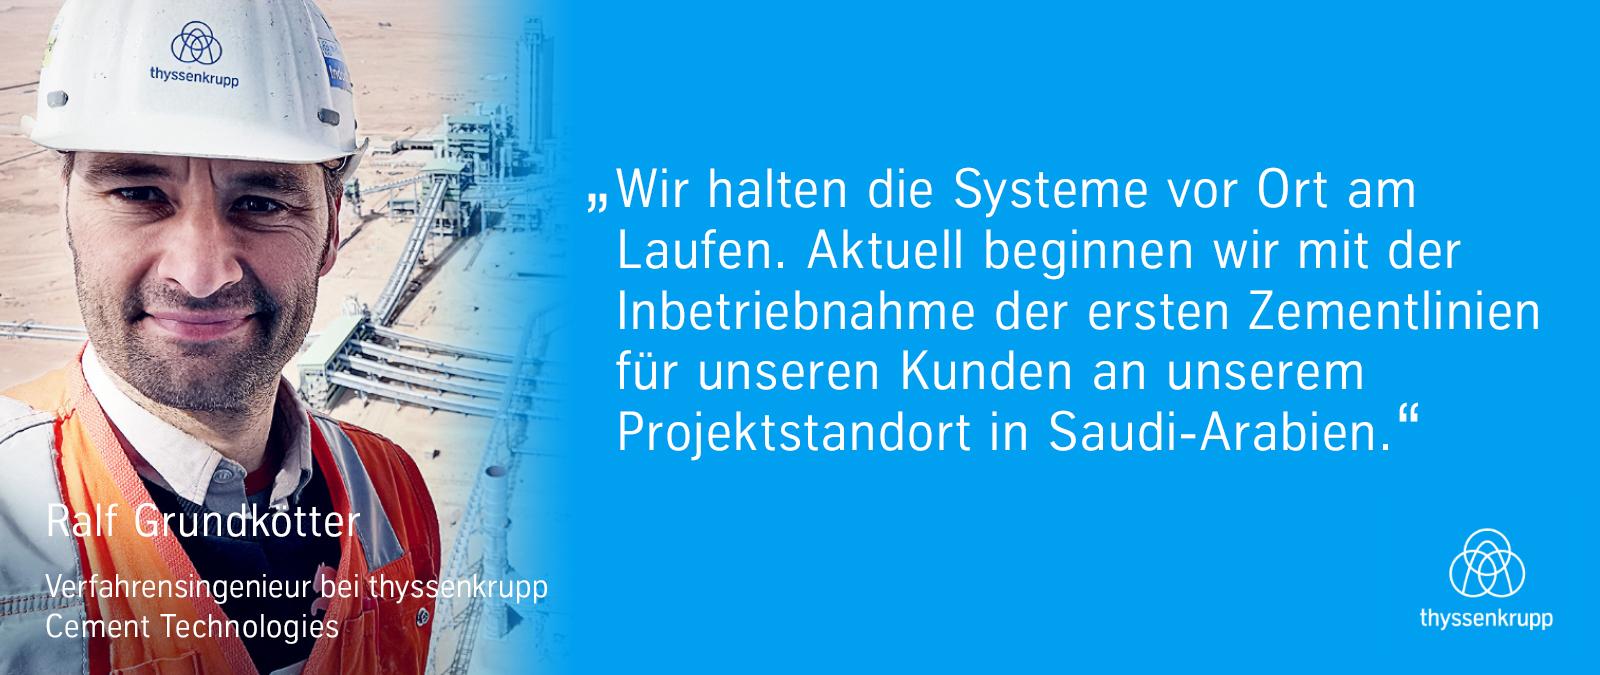 In Saudi Arabien arbeitet das Team zusammen, um sicherzustellen, dass die Systeme vor Ort reibungslos funktionieren.